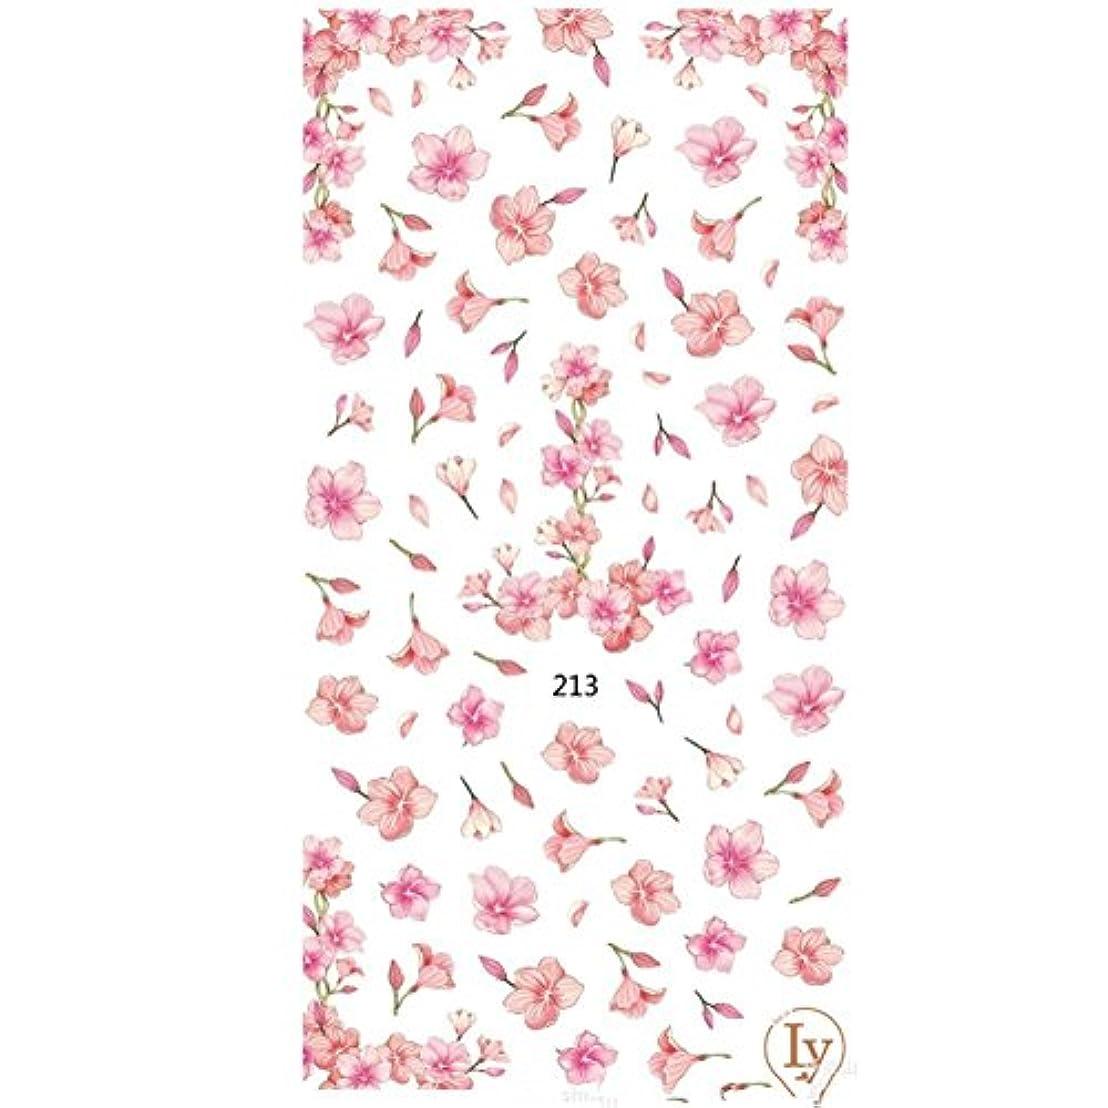 溶岩種類正しくネイルステッカー 1シート 桜 フラワー 花 パターン 3Dシール ネイルステッカー ネイルシール ネイルアート ネイルデコ